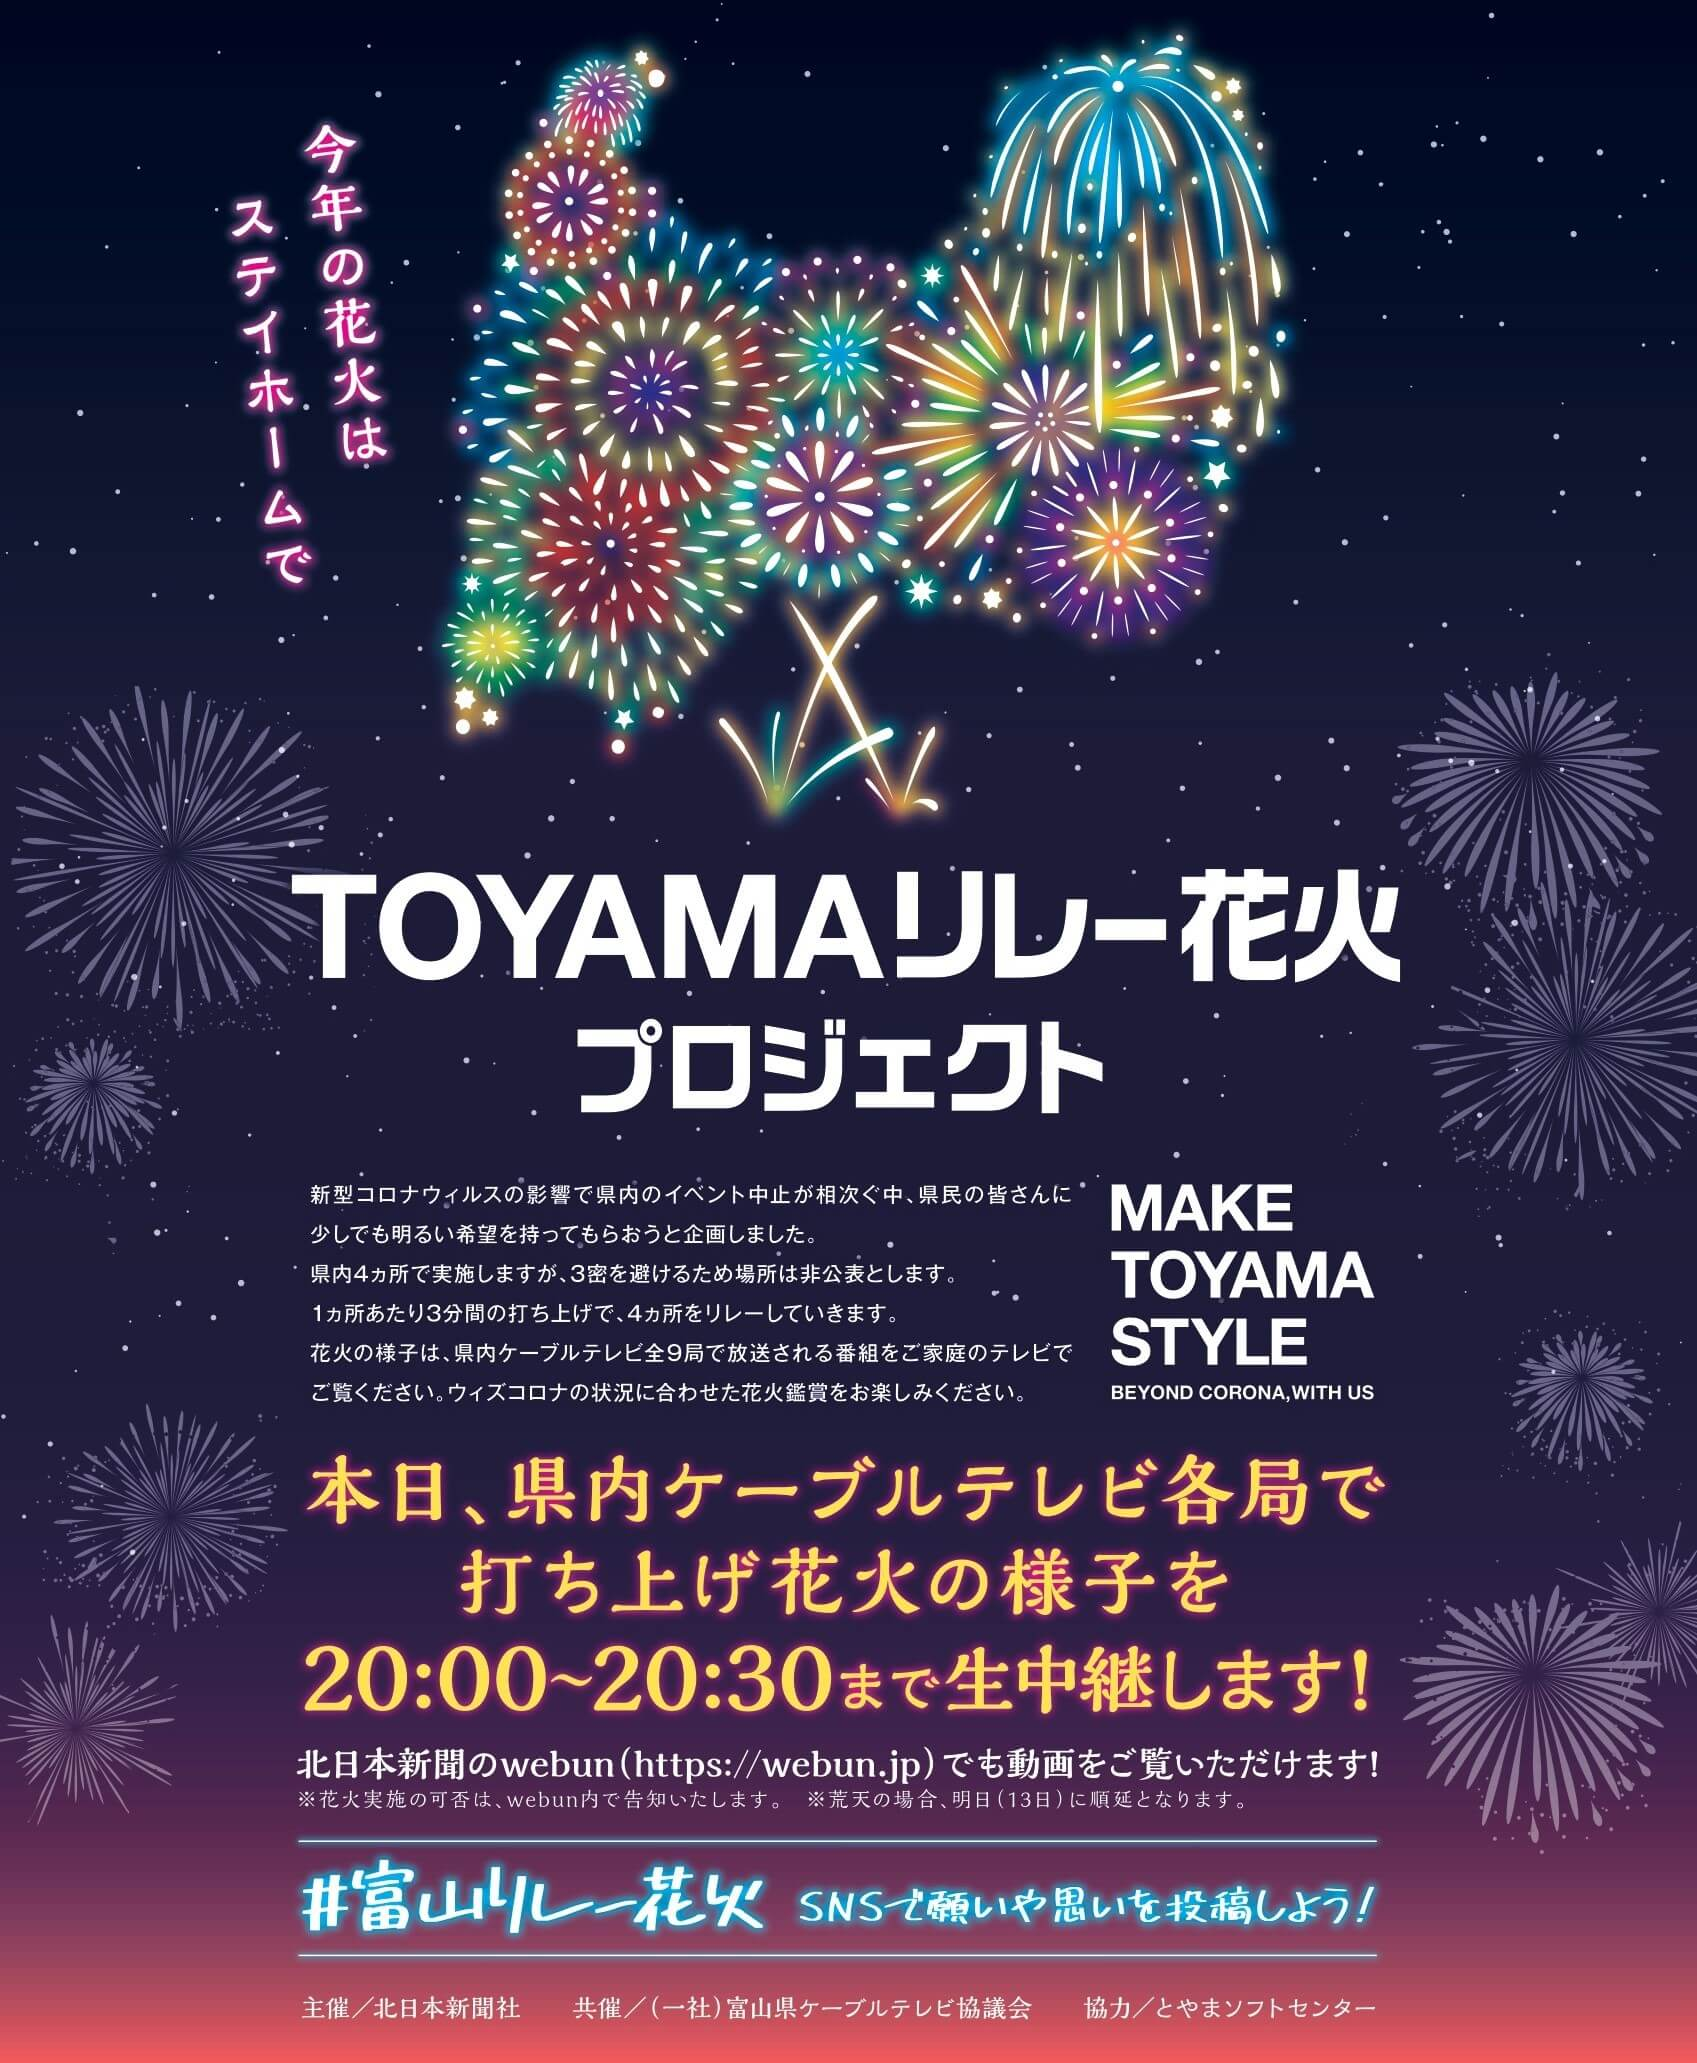 花火 プロジェクト 大阪 全国 一斉